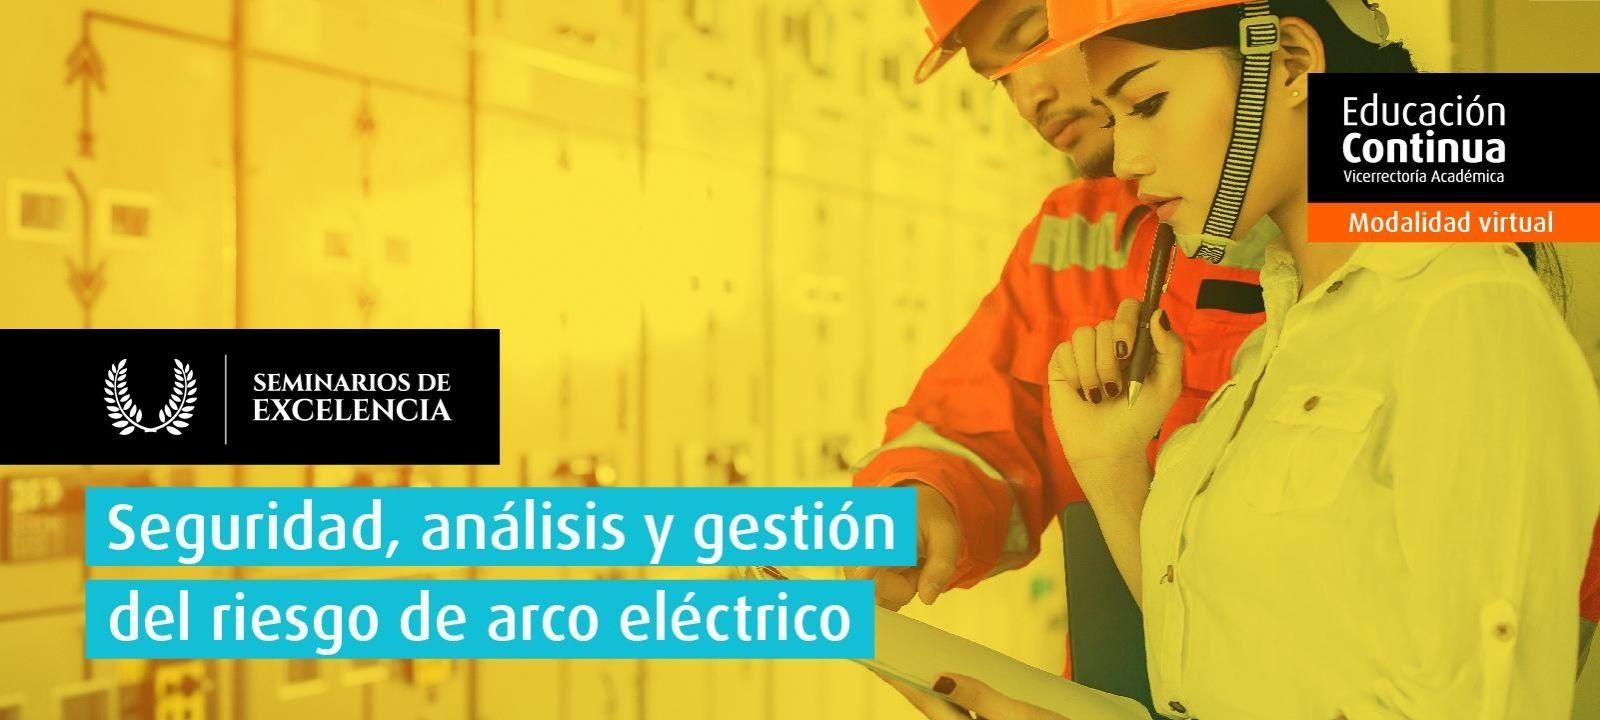 Seminario de Excelencia - Seguridad, análisis y gestión del riesgo de arco eléctrico